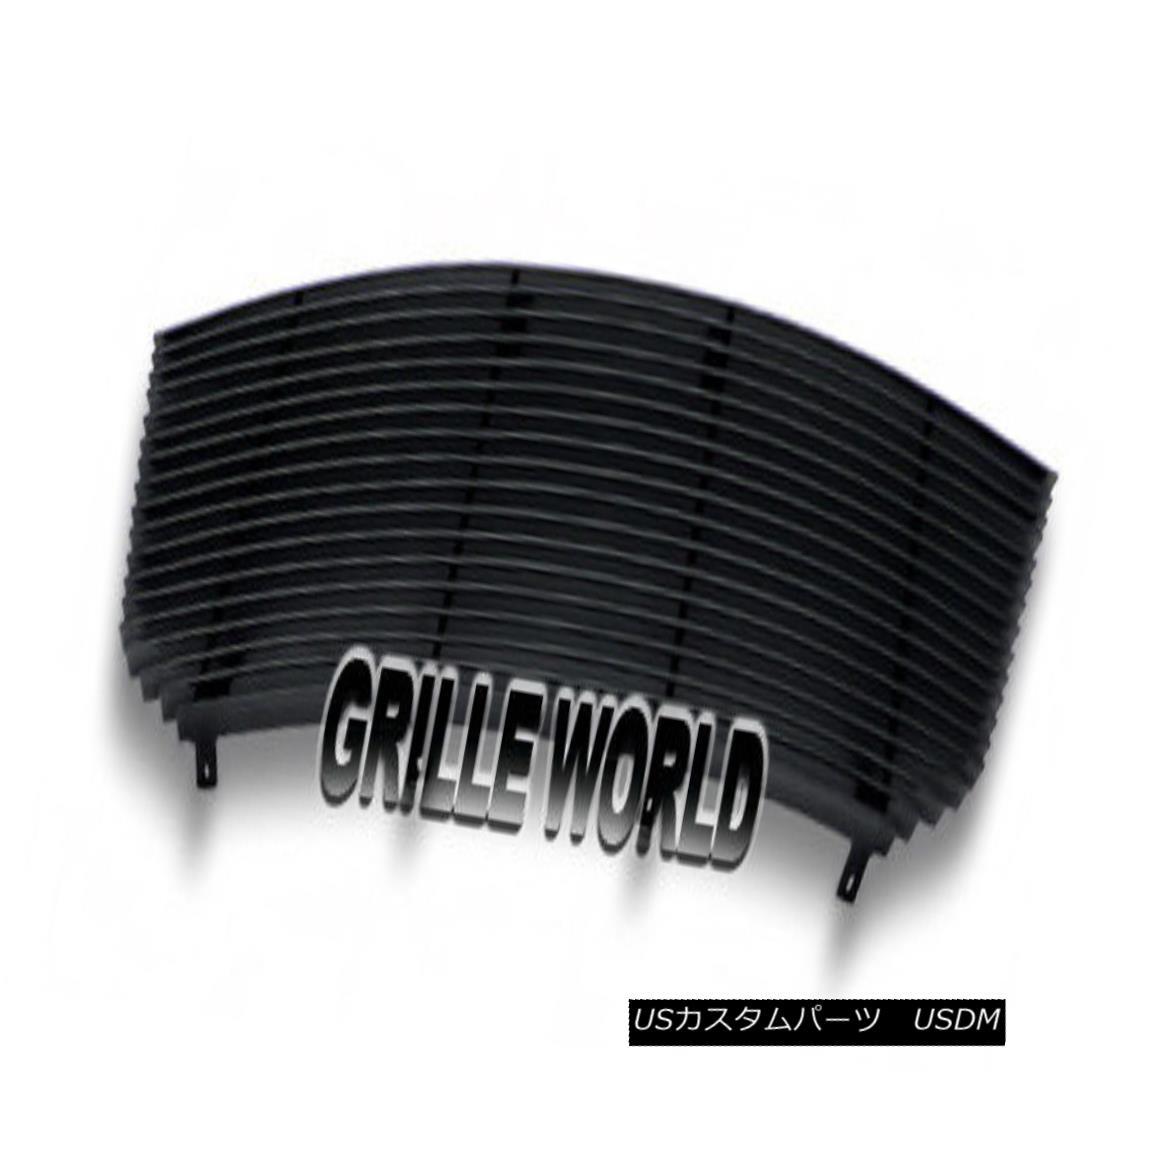 グリル For 2007-2010 Dodge Avenger Black Billet Premium Grille Grill Insert 2007-2010年ダッジアベンジャーブラックビレットプレミアムグリルグリルインサート